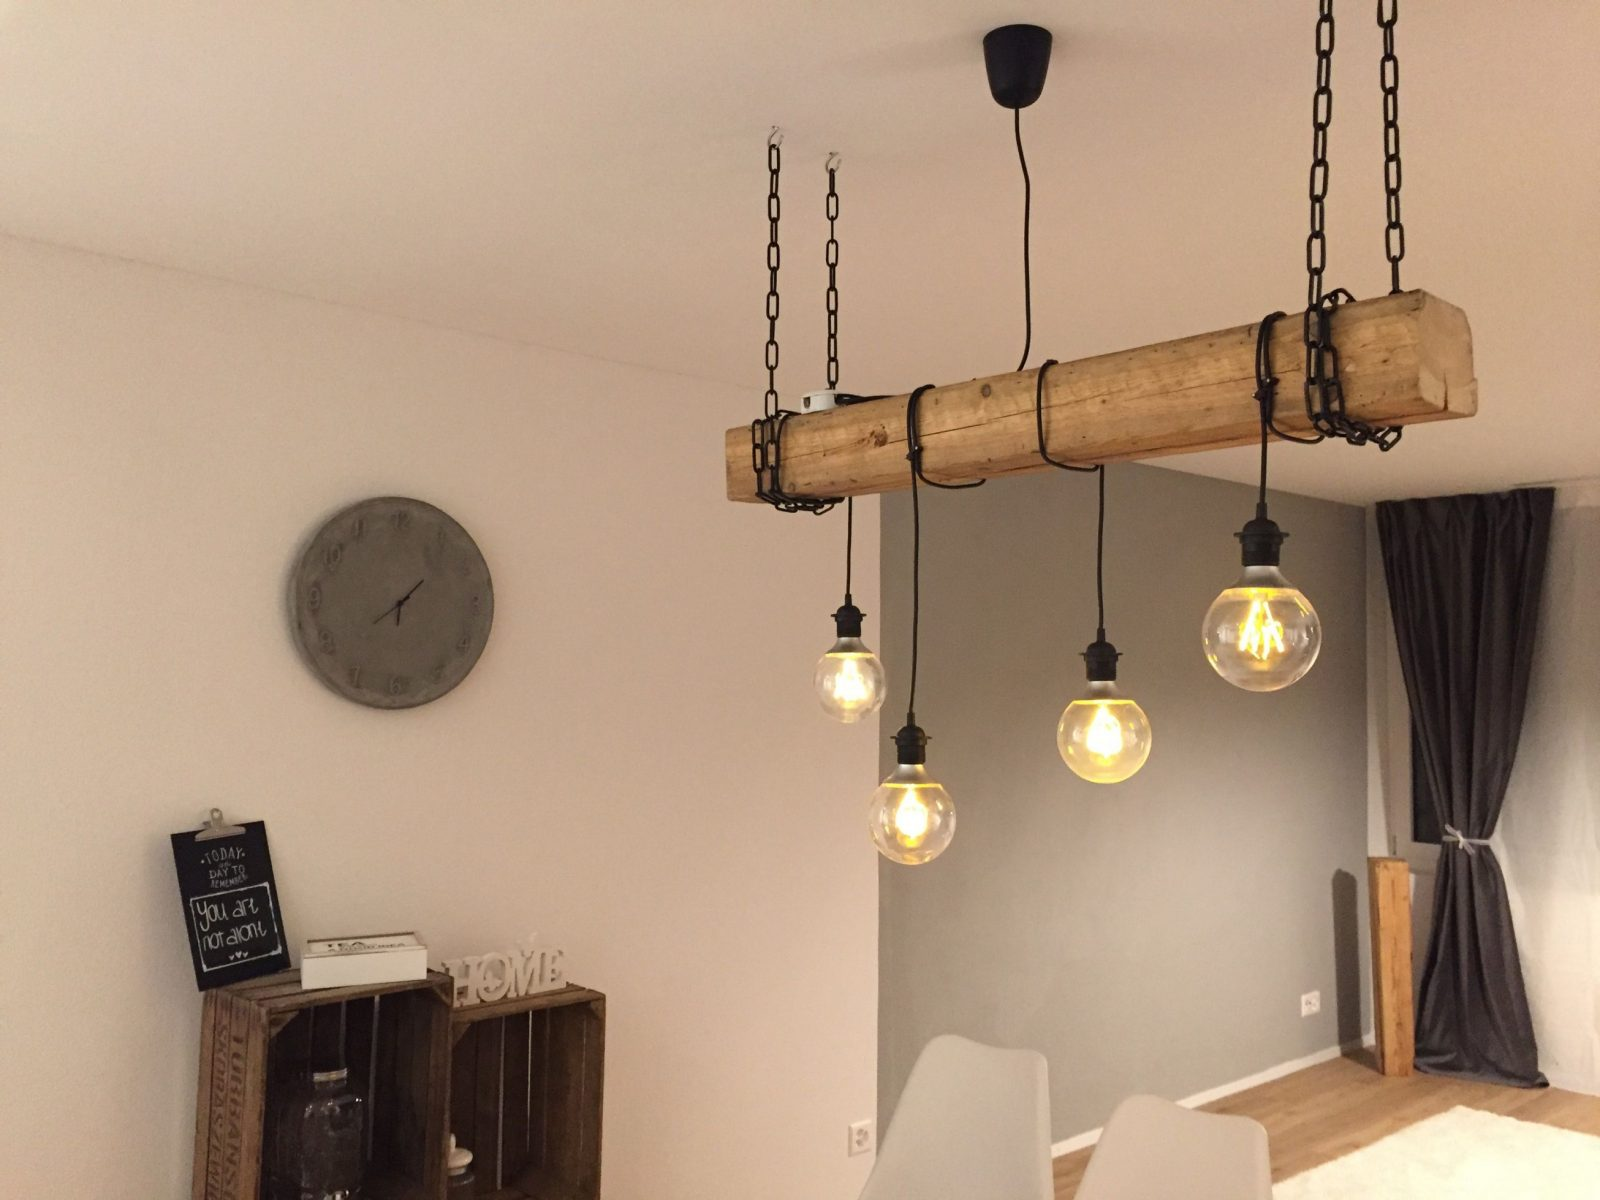 Selfmade Rustikale Lampe Mit Hängenden Glühbirnen Und Holzbalken von Glühbirne Lampe Selber Machen Bild